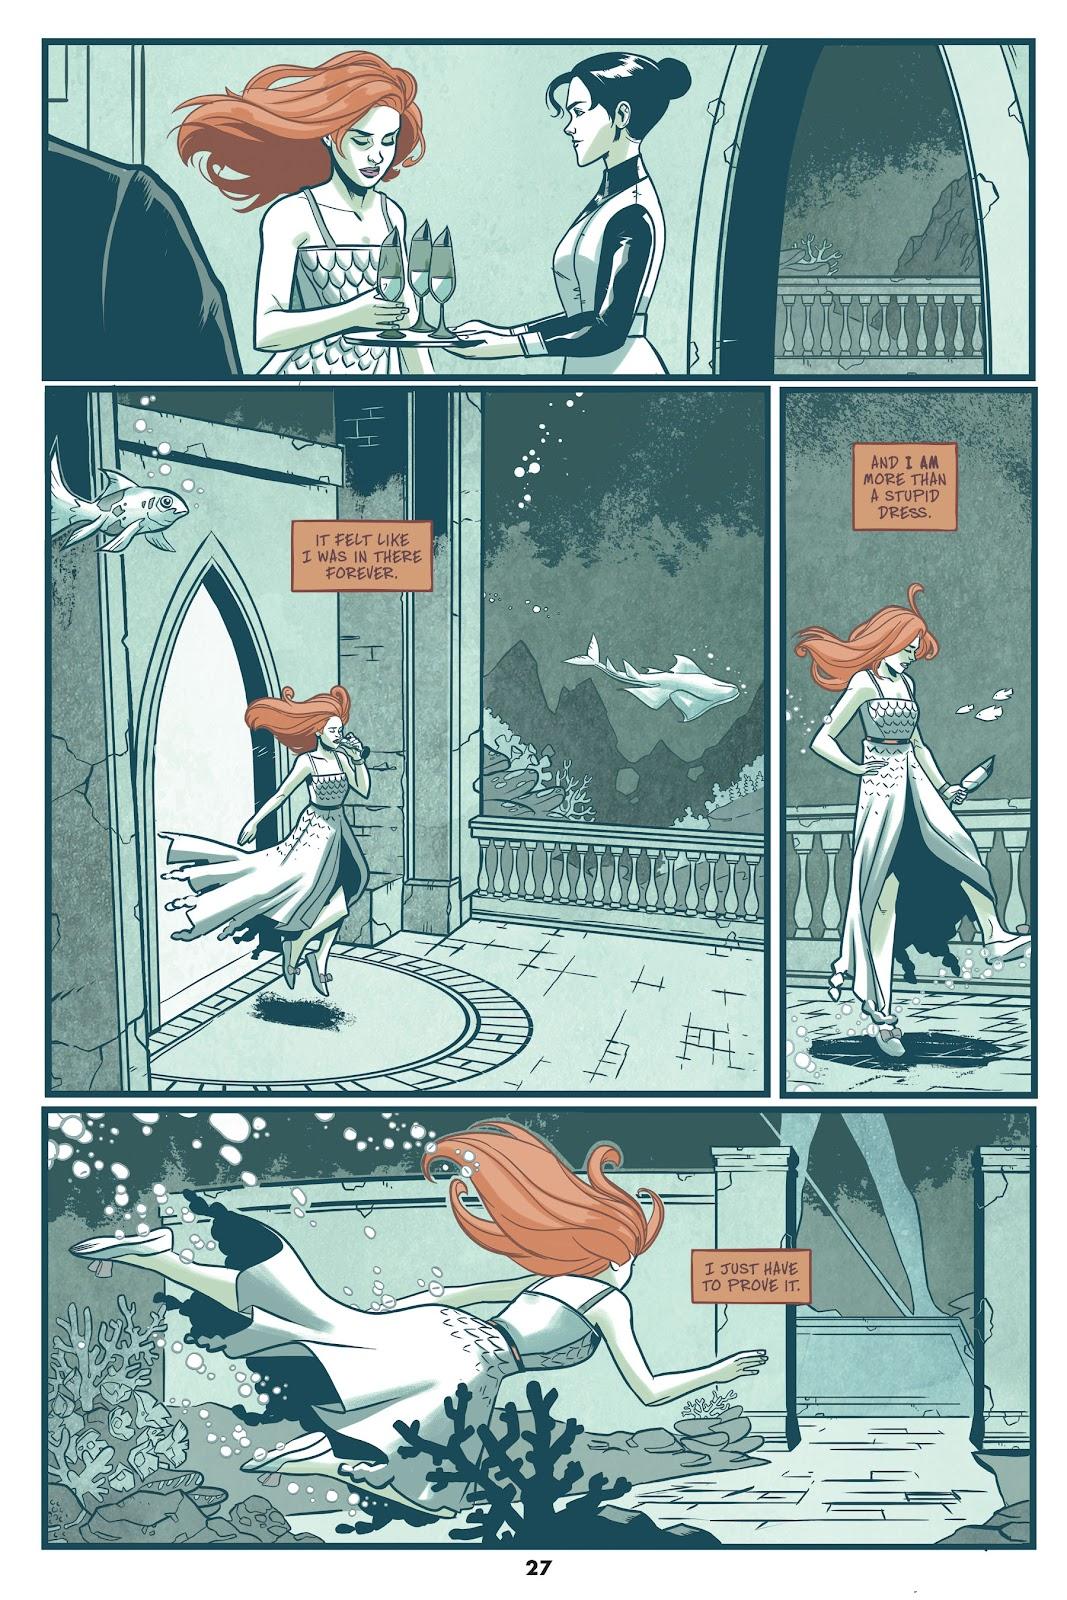 Read online Mera: Tidebreaker comic -  Issue # TPB (Part 1) - 27